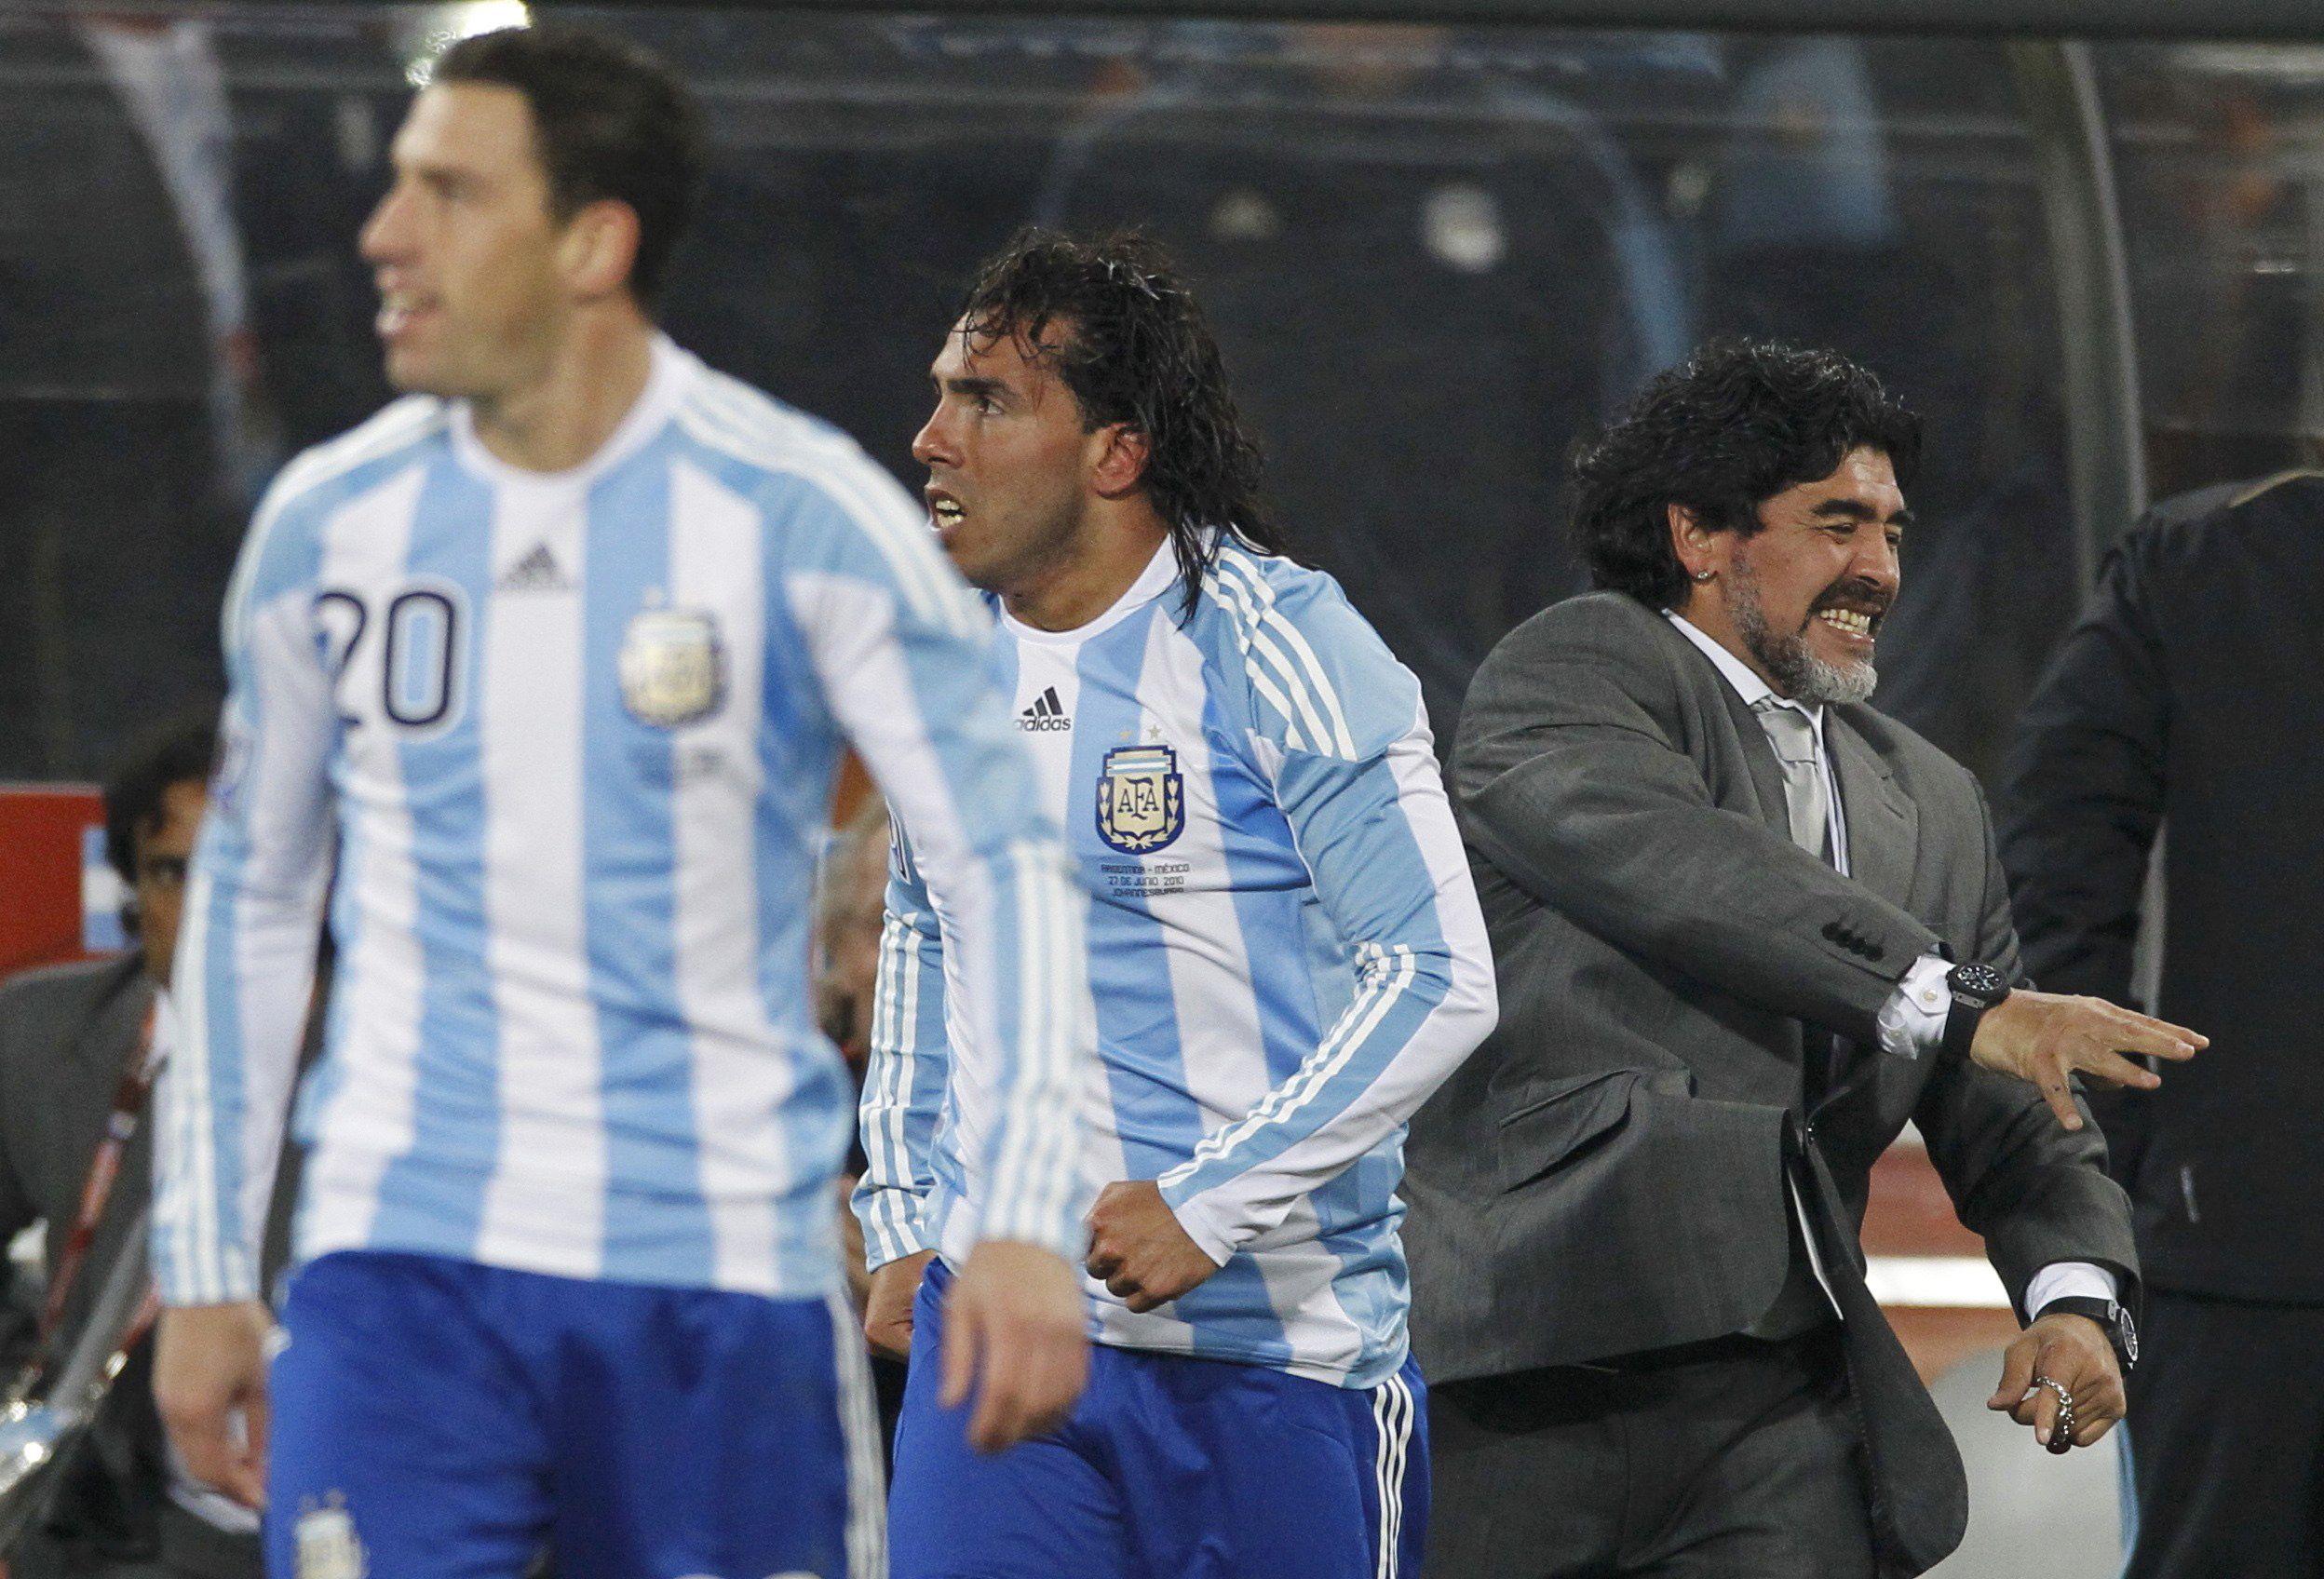 Seis goles lleva marcados la Fiera Rodríguez y es el goleador de Newell's en el campeonato.